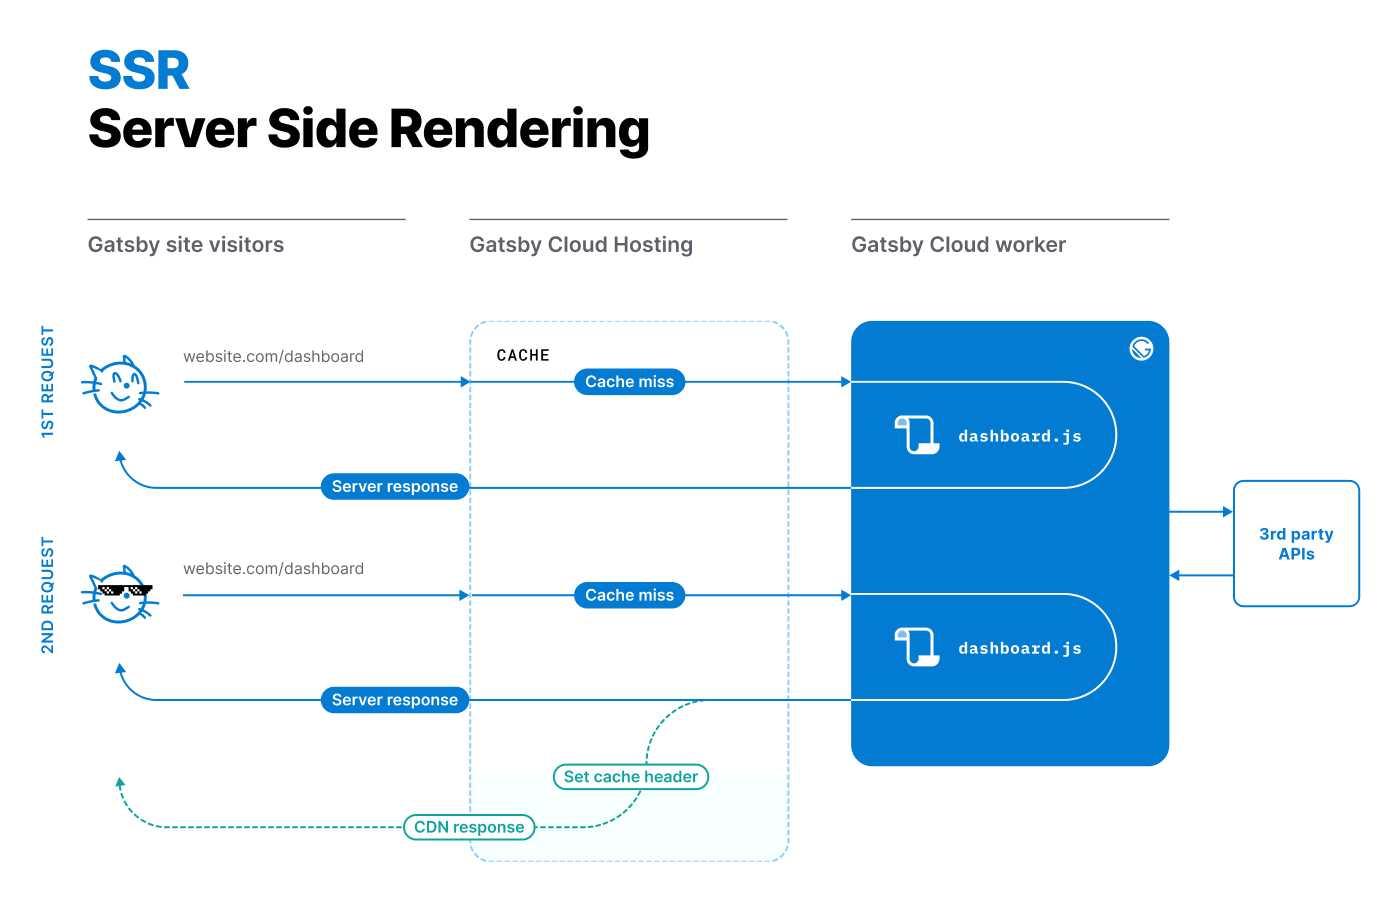 SSR: Server Side Rendering